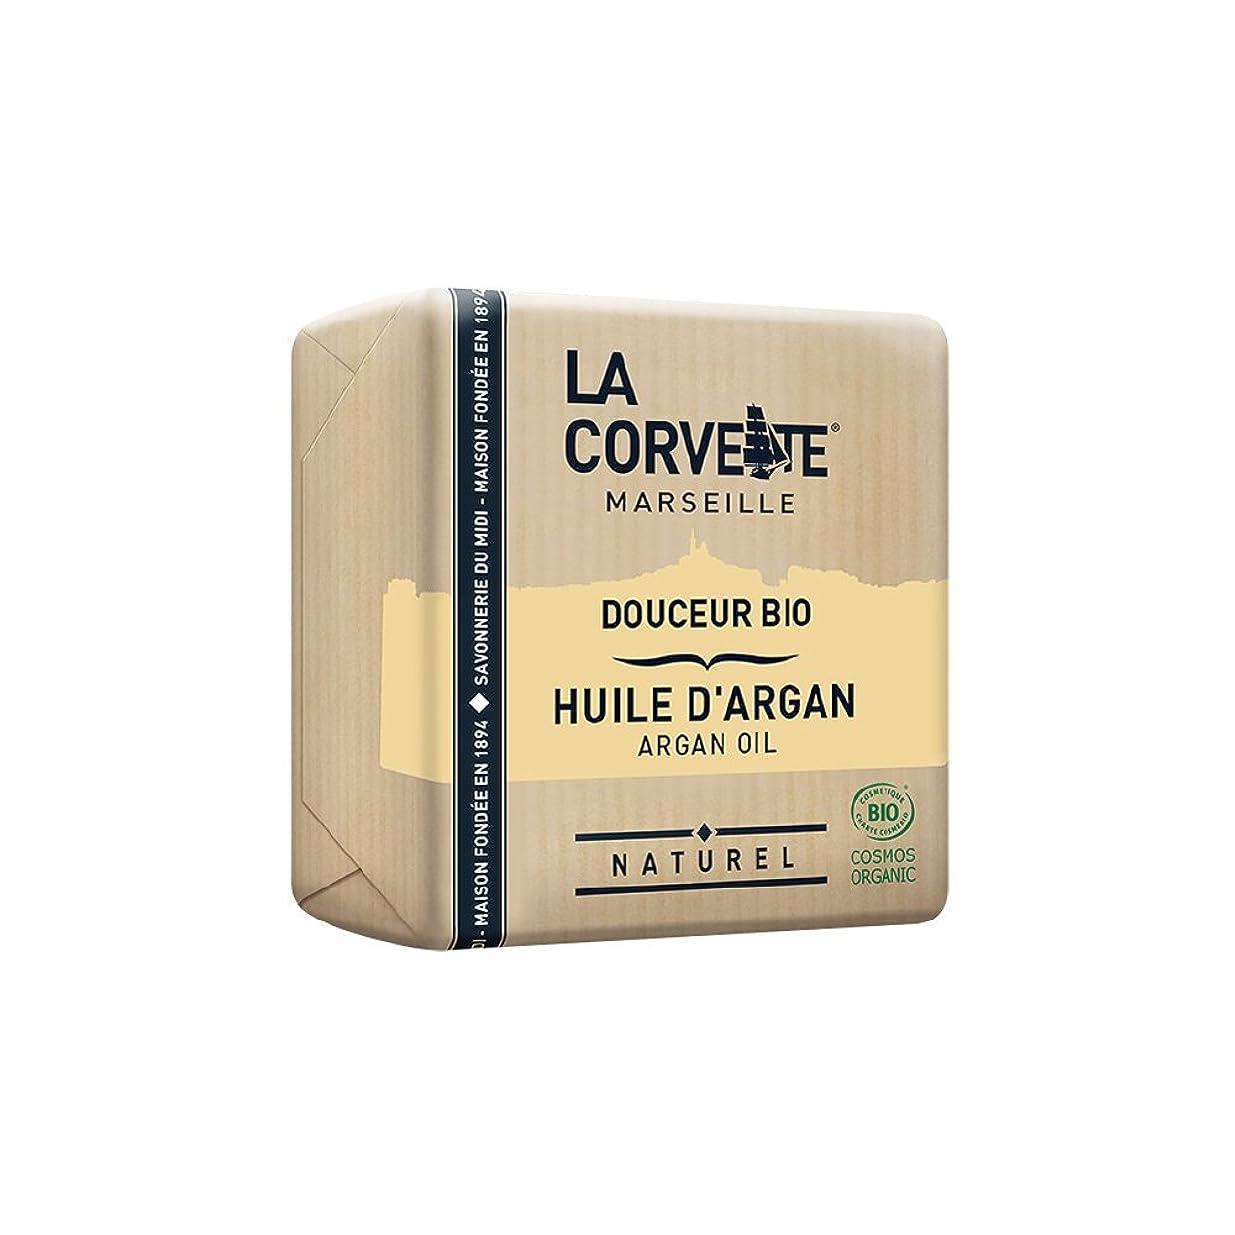 スクレーパー記憶に残る新聞La Corvette(ラ?コルベット) サボン?ドゥスール?ビオ アルガンオイル 100g